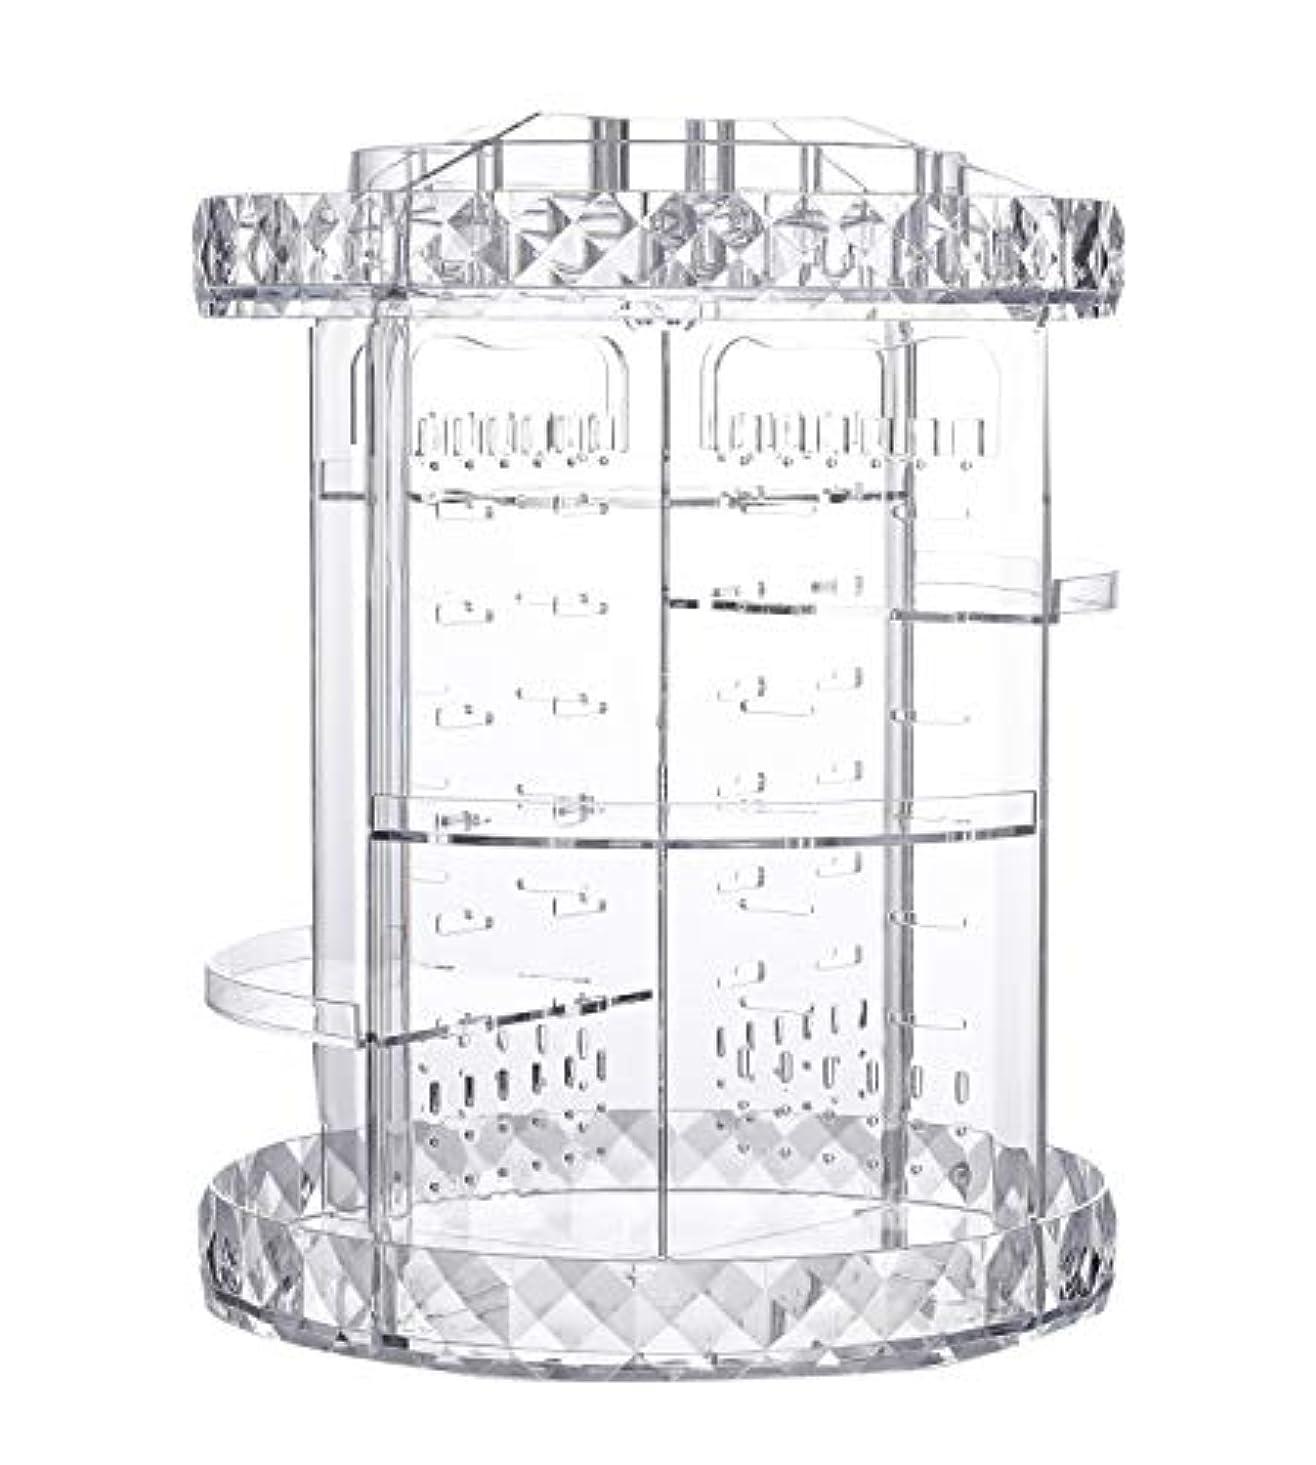 サーキュレーションダウン狭い化粧品収納ボックス ネックレス収納 アクセサリー収納 回転式360度 透明 メイクボックス 組み立て 調整可能